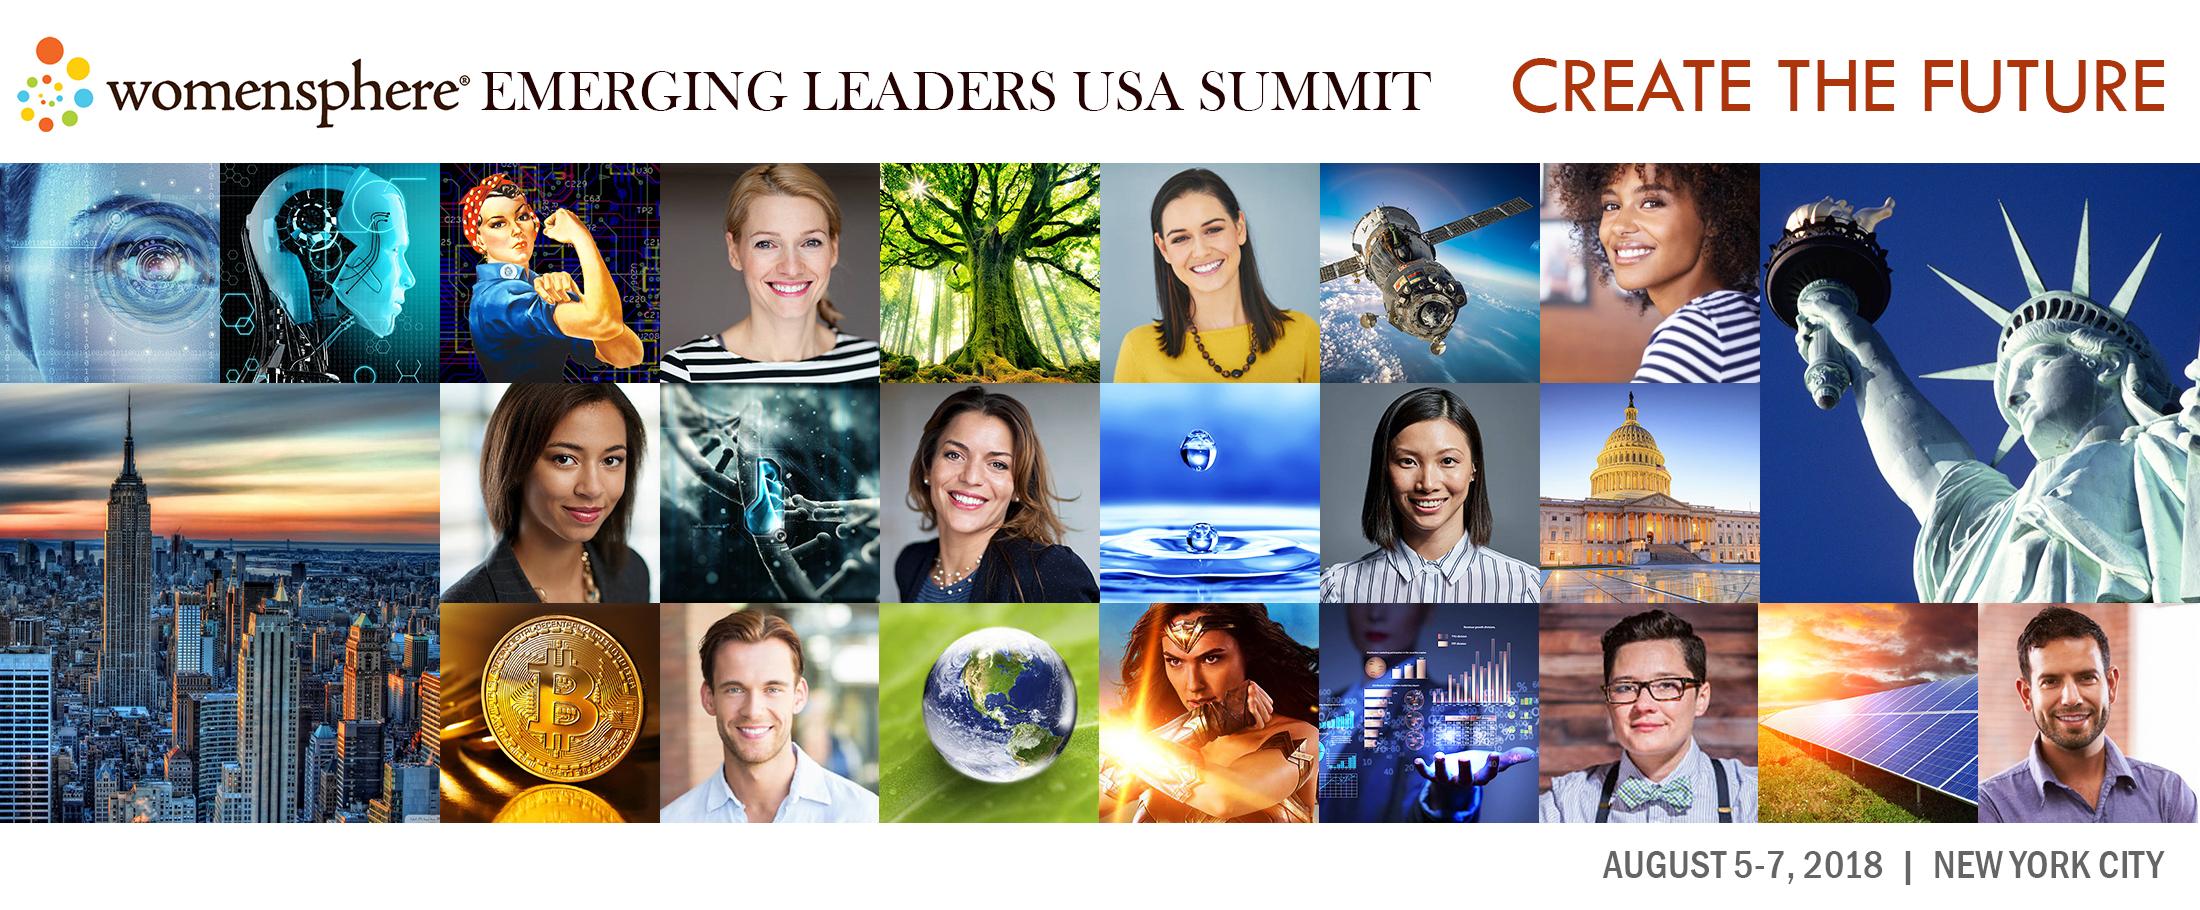 Womensphere Emerging Leaders USA Summit 2018.jpg